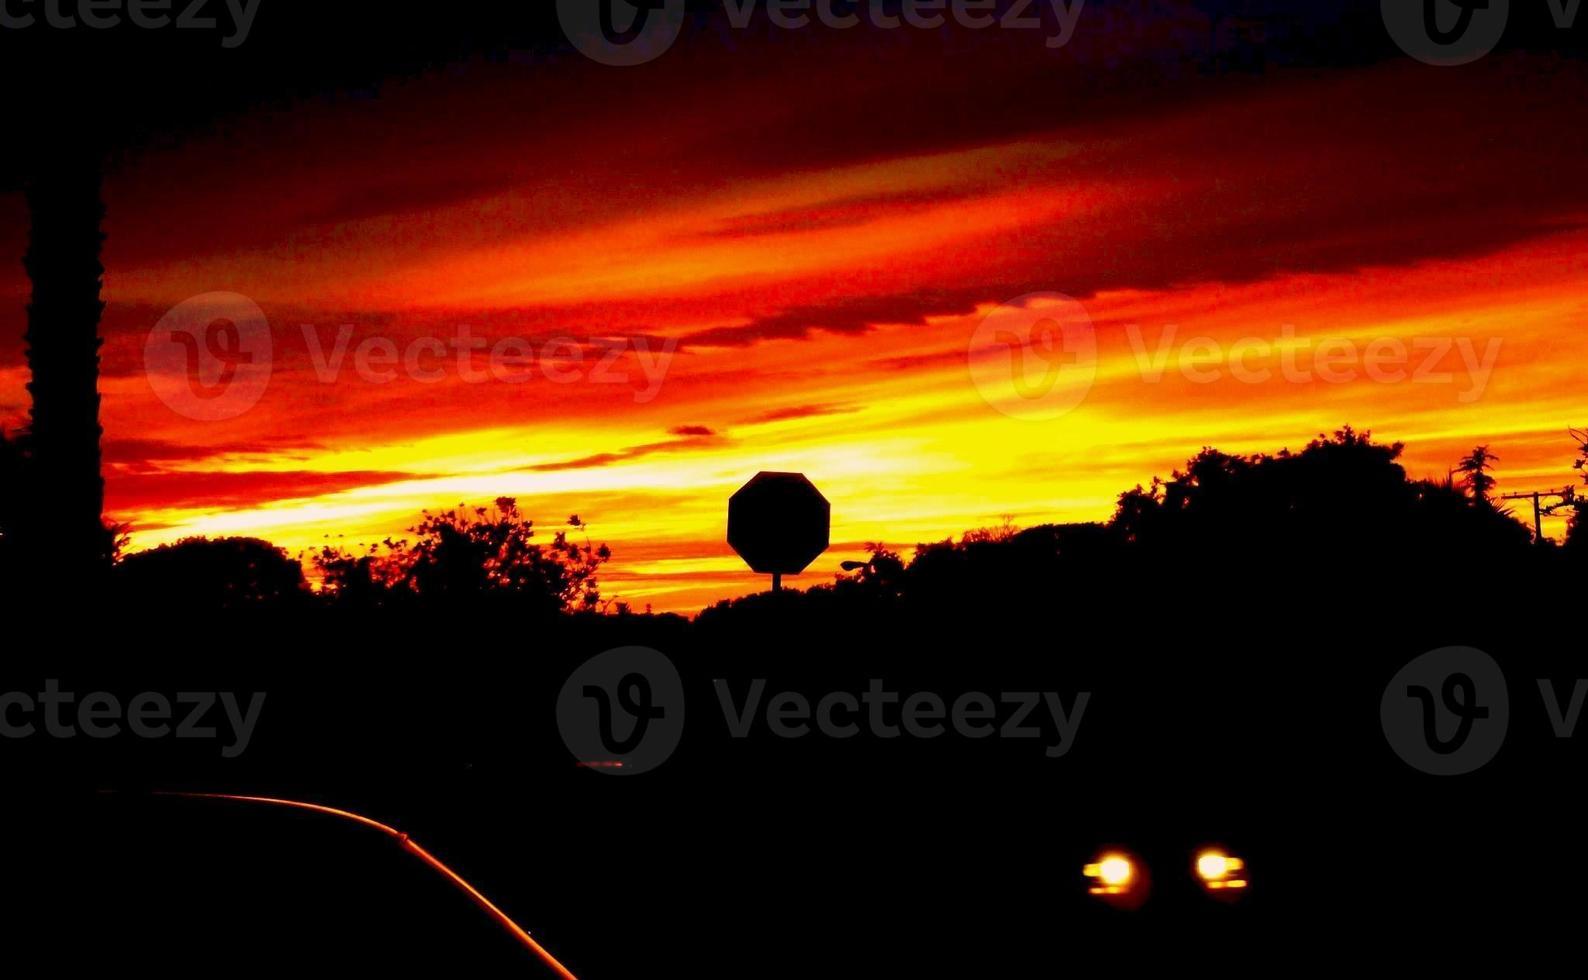 tramonto con segnale di stop che si staglia contro il cielo rosso fuoco foto